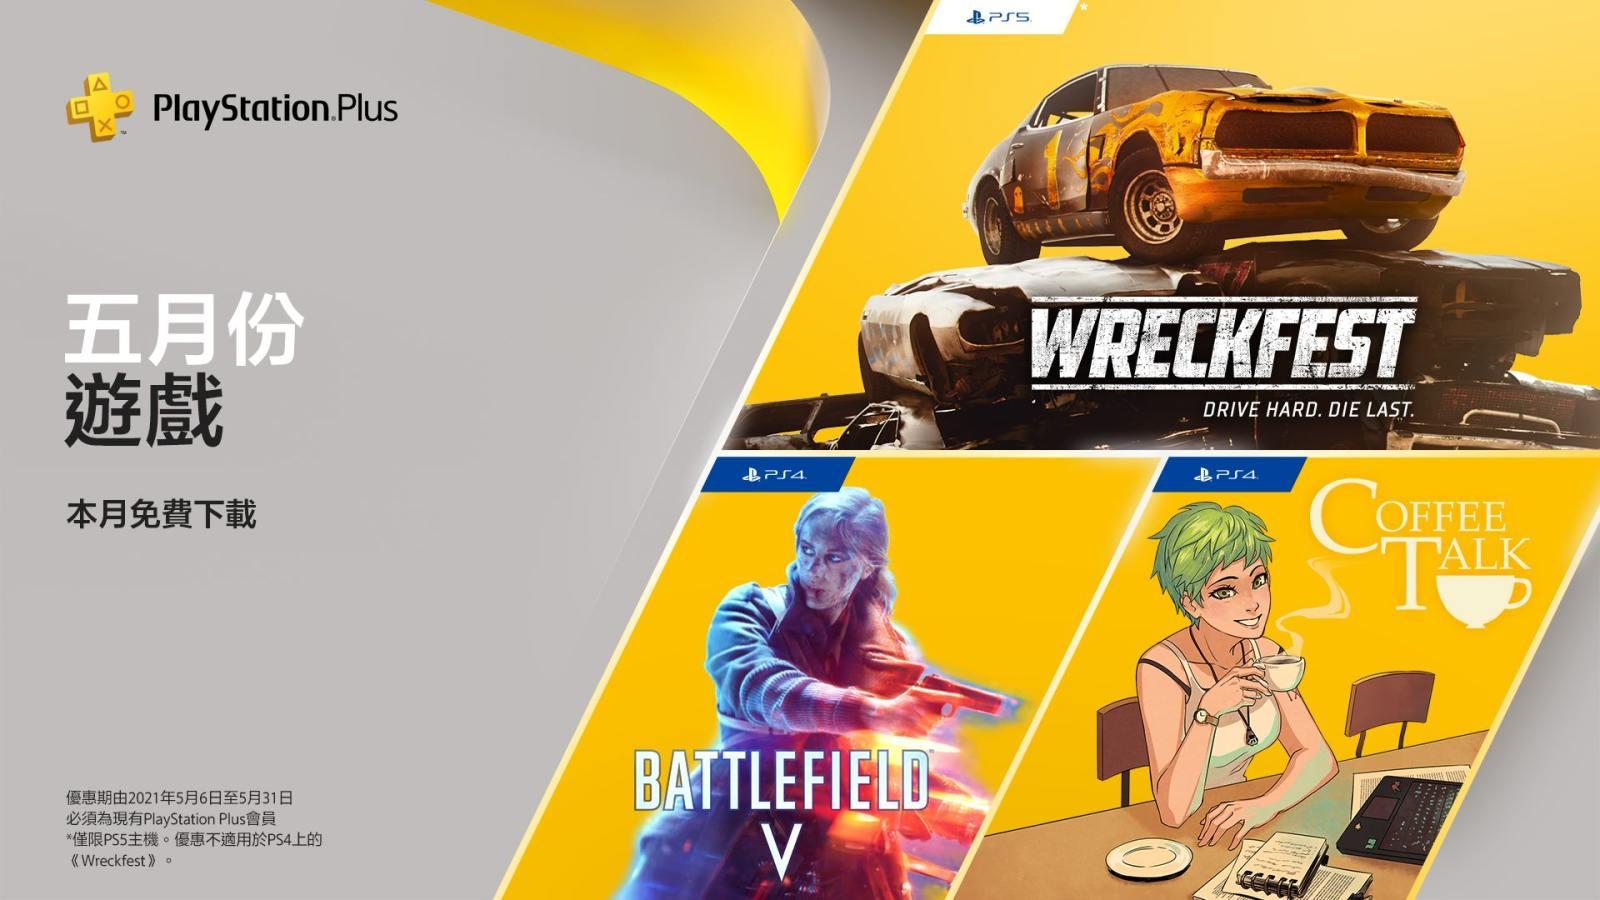 含《战地5》:索尼公布PlayStation Plus5月会免游戏